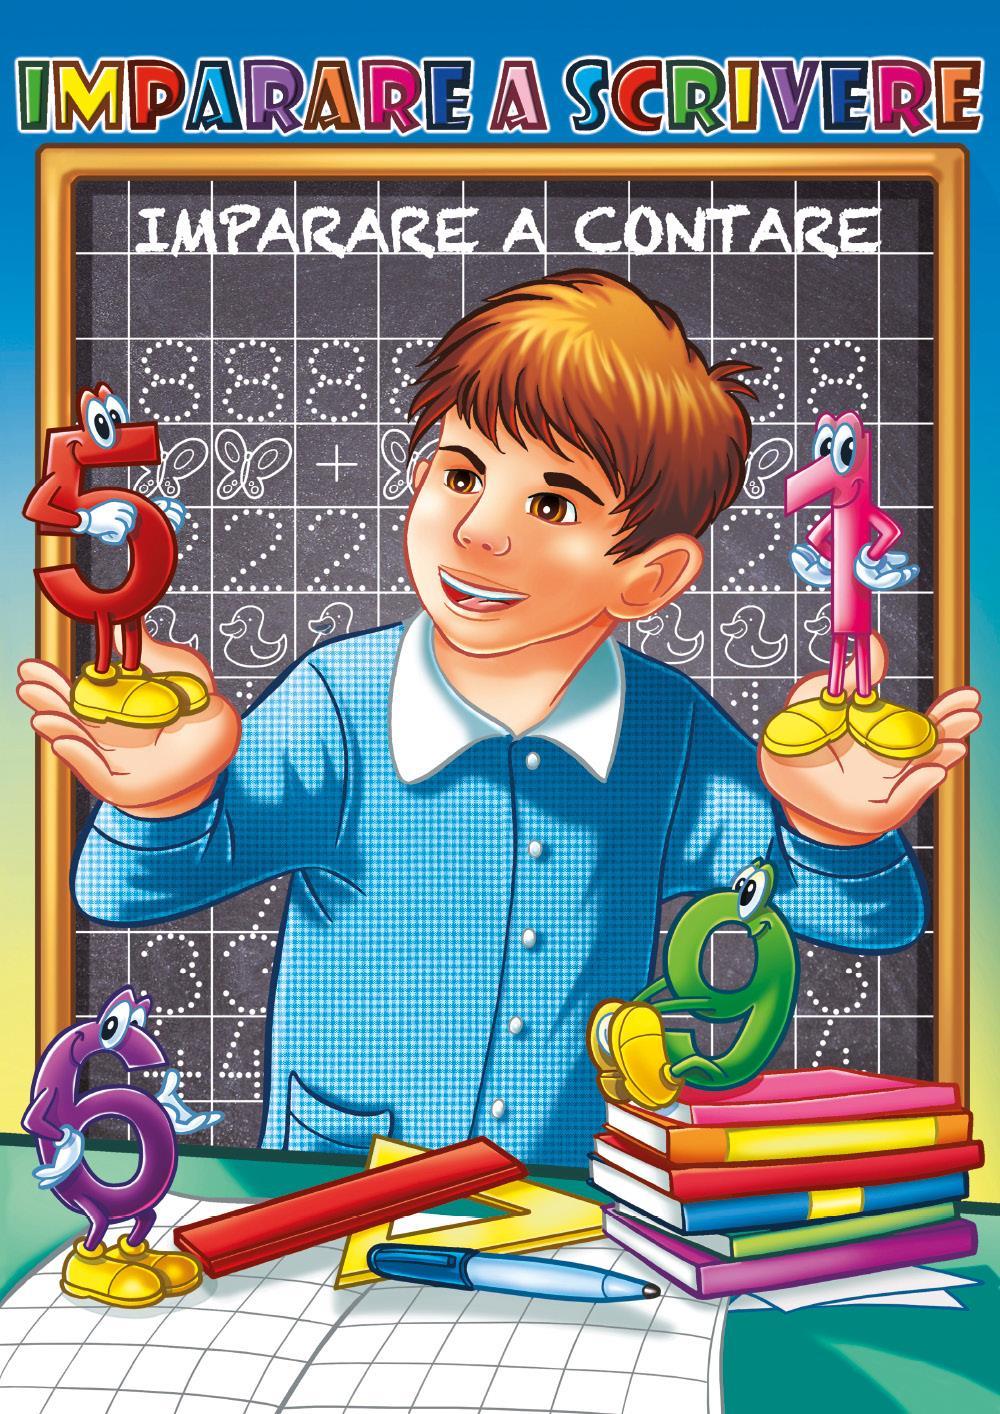 Imparare a scrivere, impara a scrivere i numeri, contare e tracciare attraverso attività di pregrafismo e precalcolo. Bambini 3-6 anni